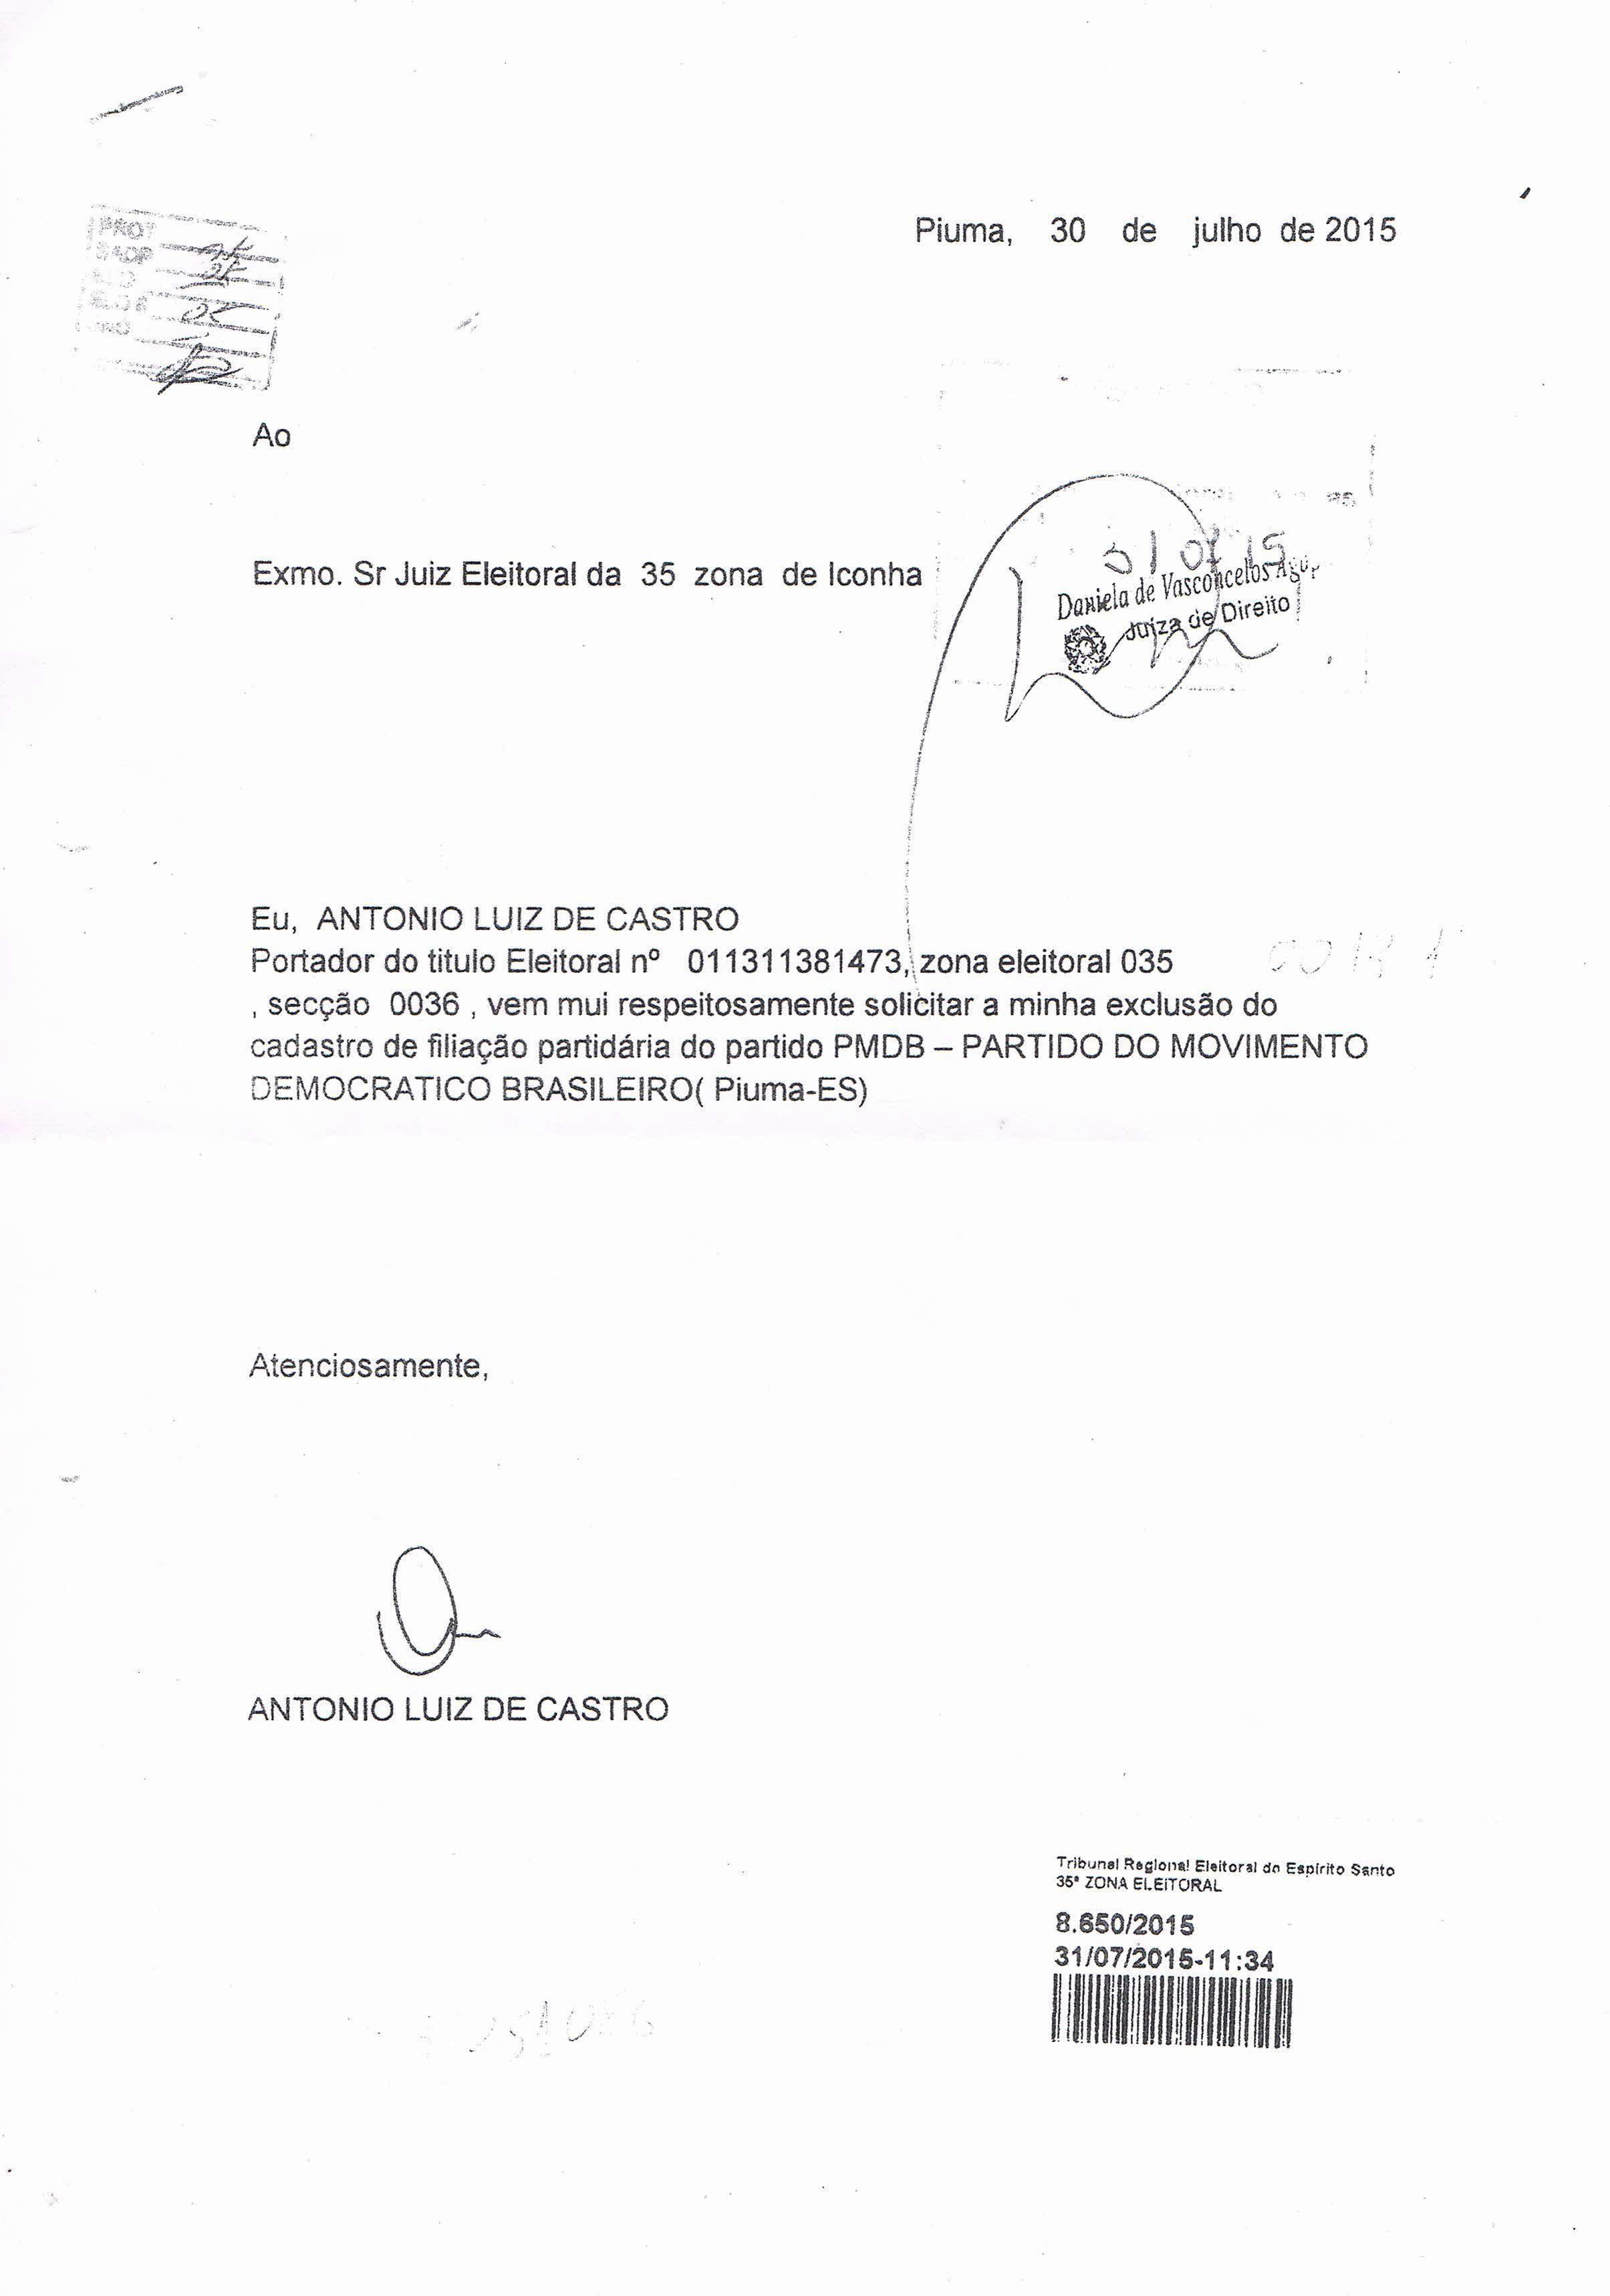 Desfiliações Do Pmdb De Piúma Viram Caso De Polícia Jornal